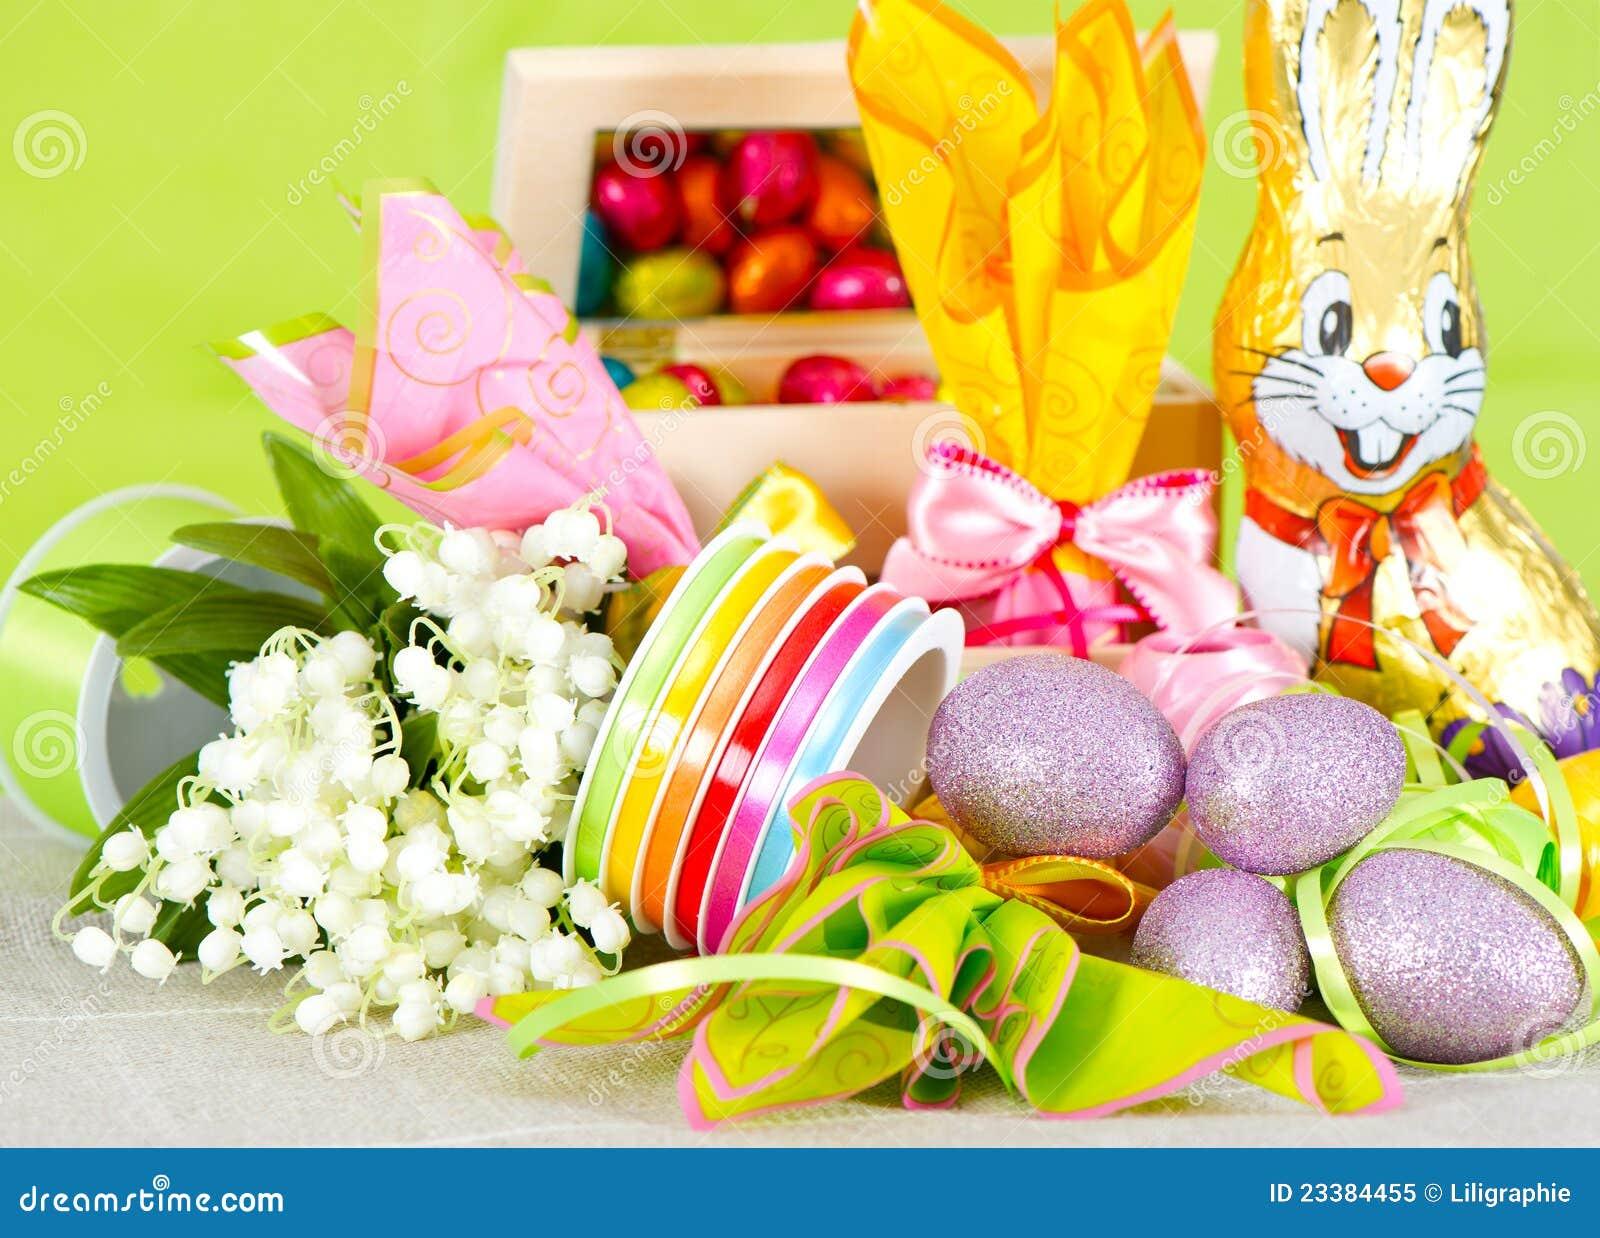 Ostern dekoration eier und blumen lizenzfreies stockfoto bild 23384455 - Ostern dekoration ...